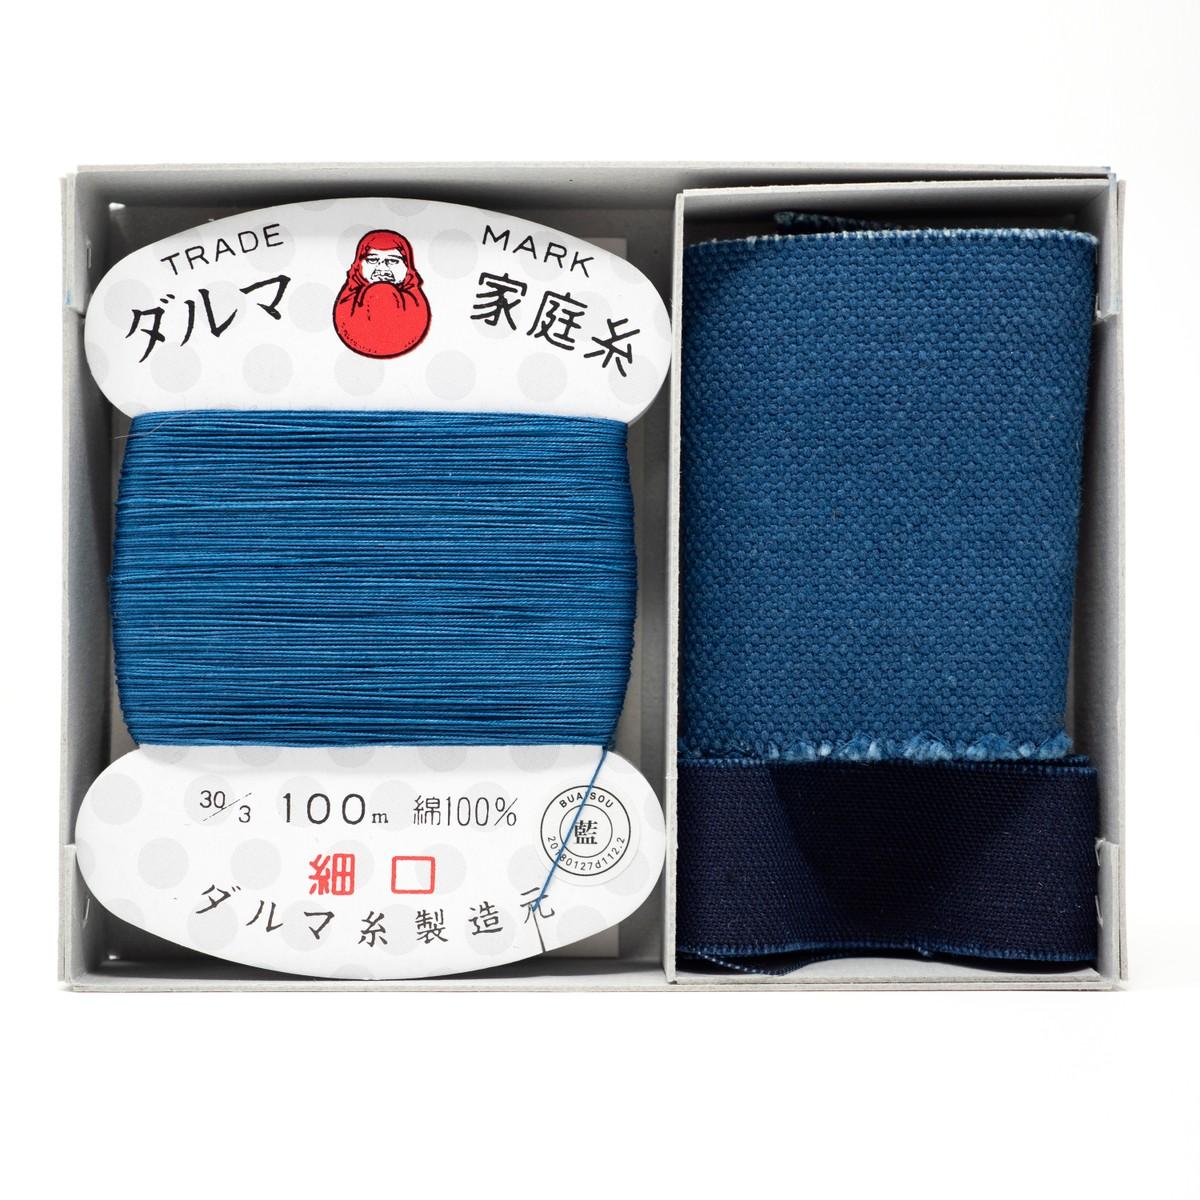 Photo of BUAISOU Sewing Gift Set